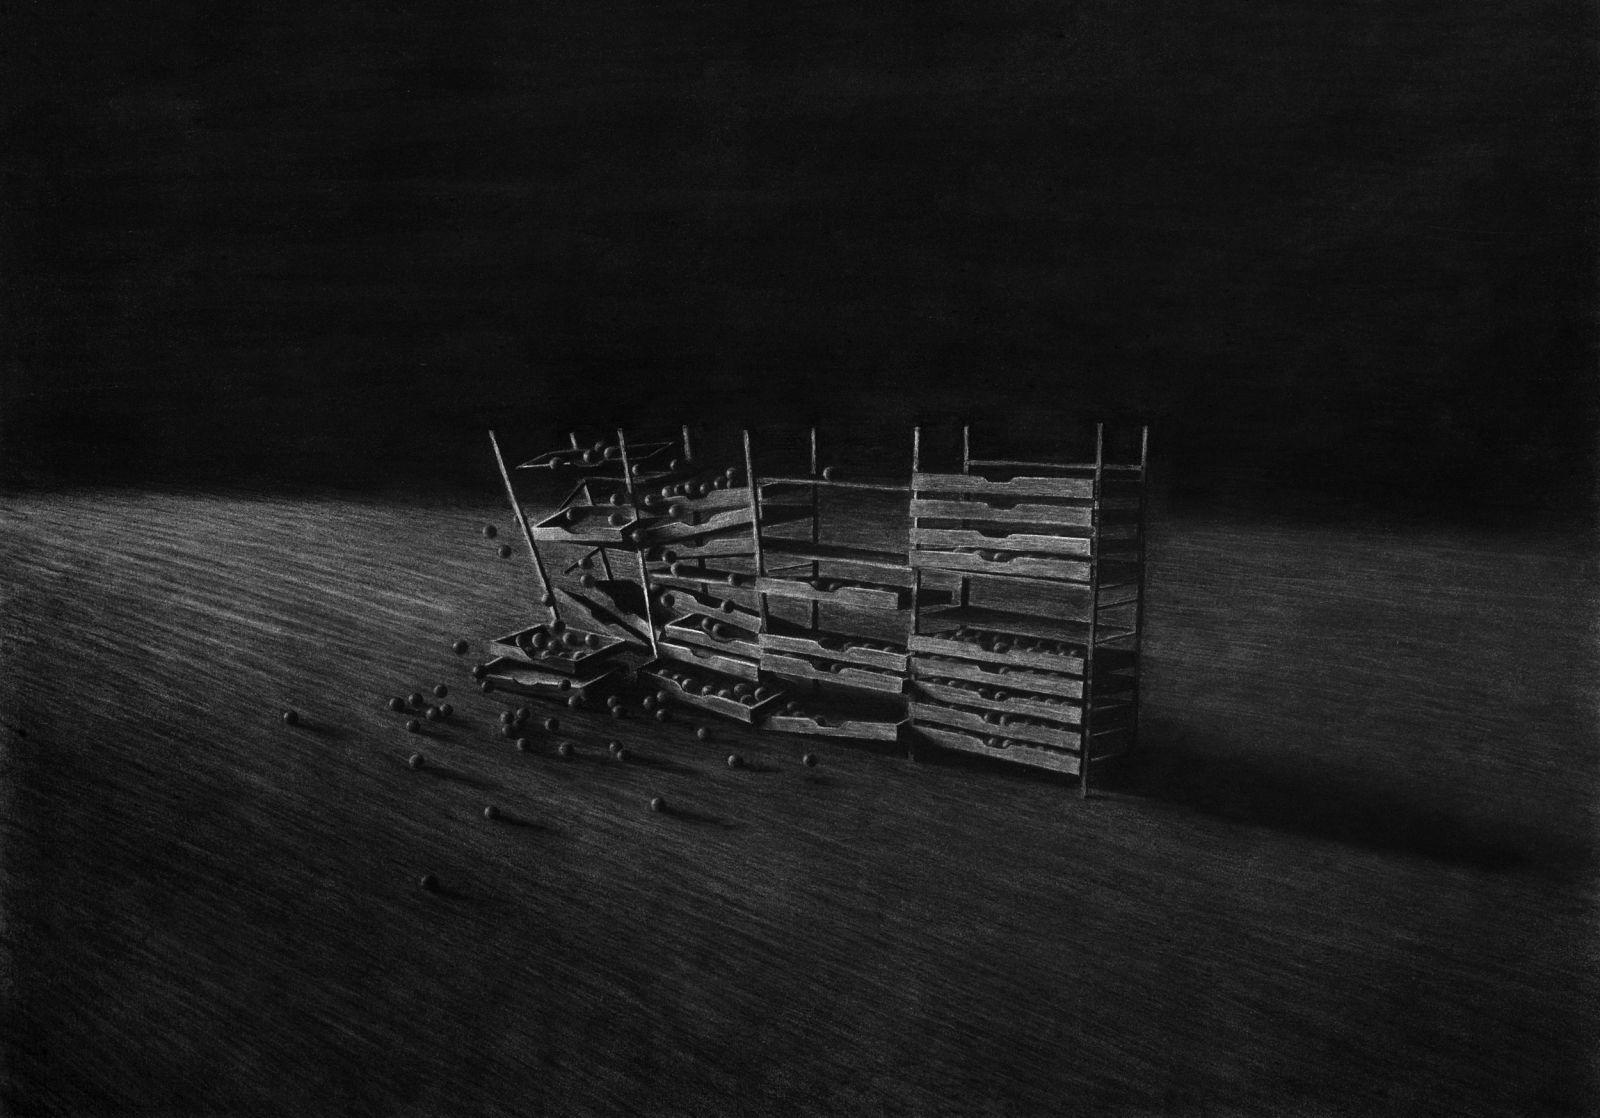 2013 | 73 x 51 cm